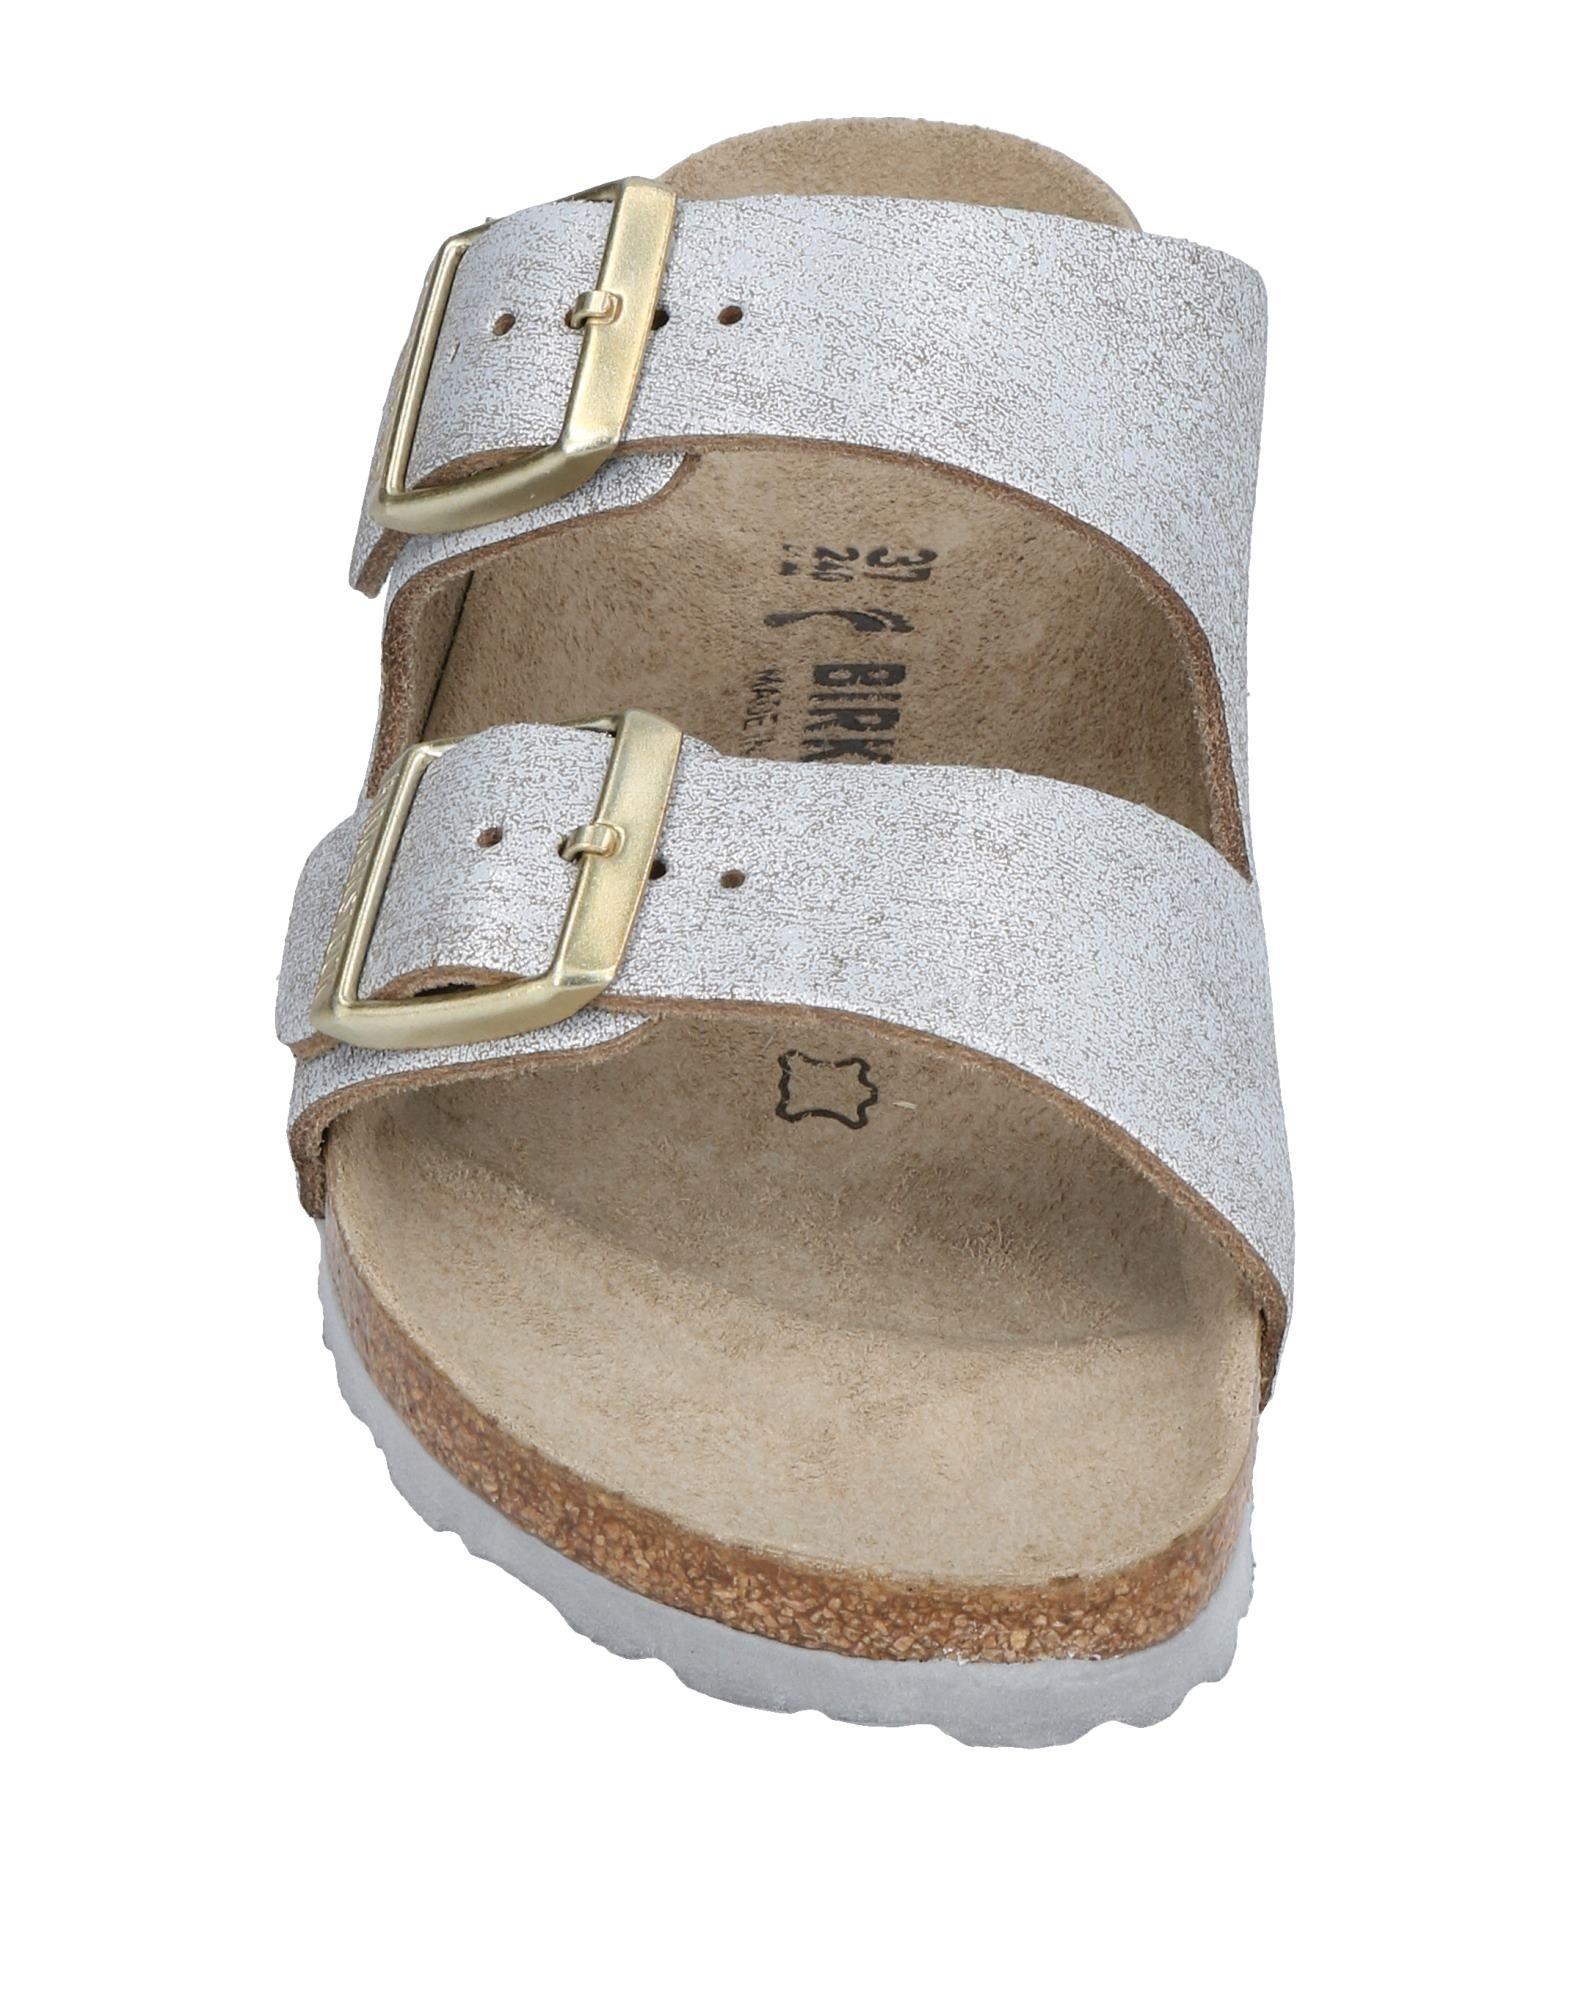 Scarpe economiche e resistenti Sandali Birkenstock Donna - 11454981GS